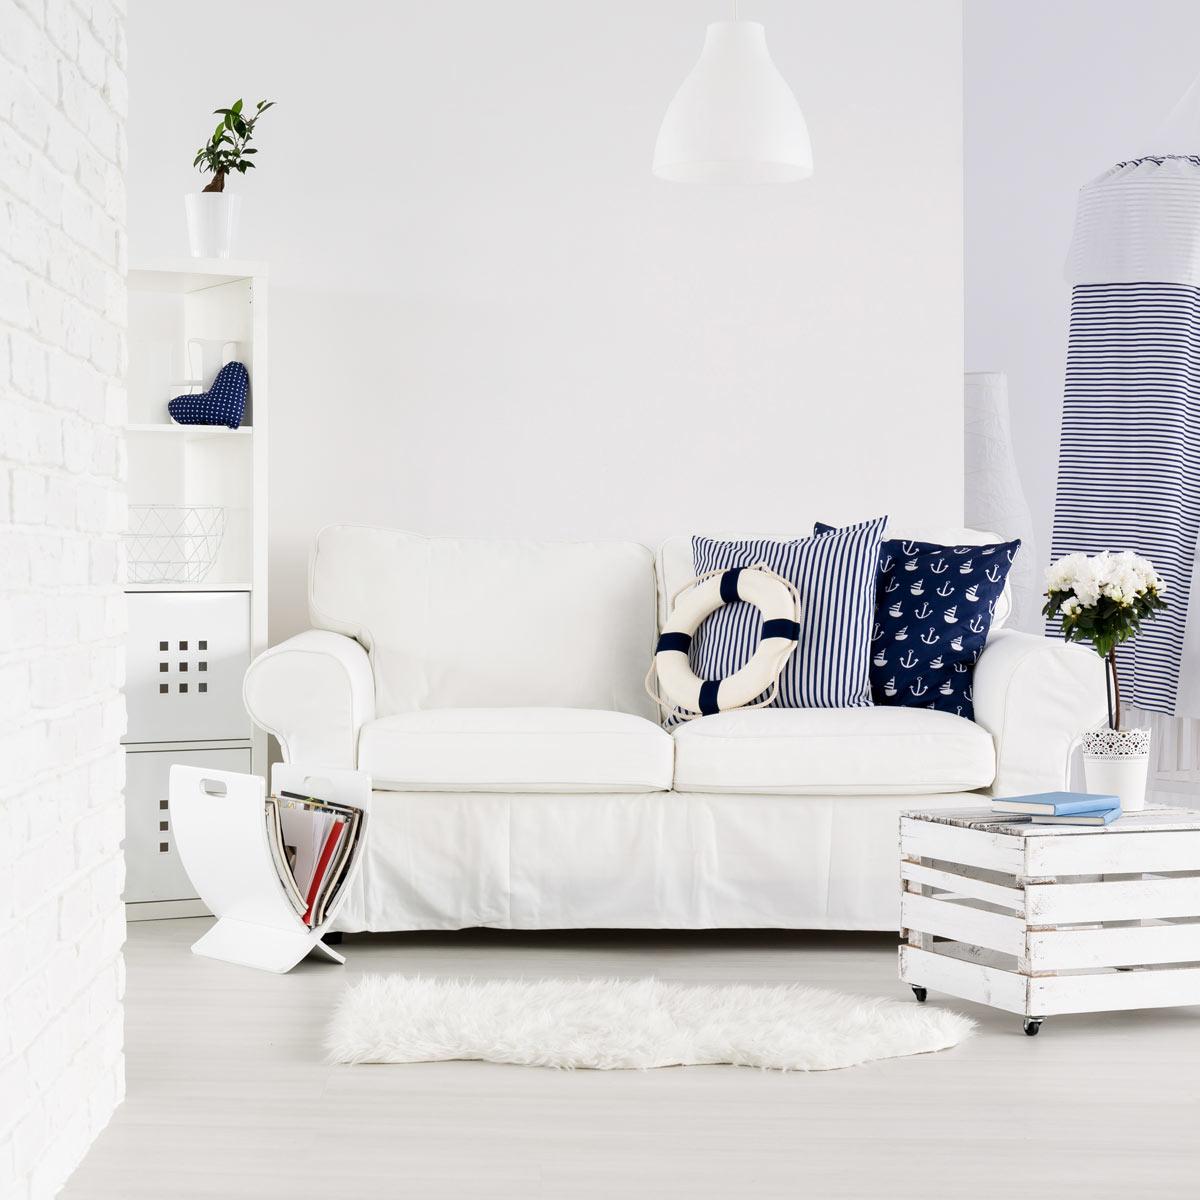 Soggiorno bianco e blu scuro, decorazione marina.